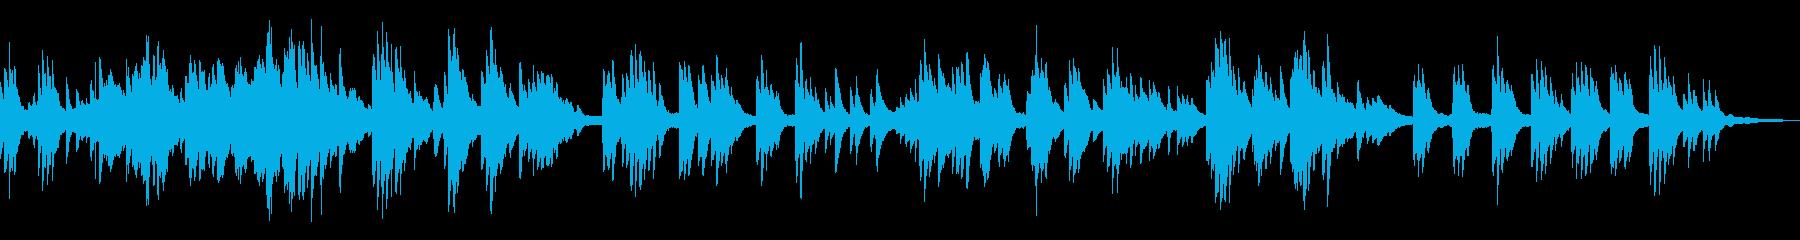 まどろみ/ゆったりな和風曲15-ピアノ の再生済みの波形